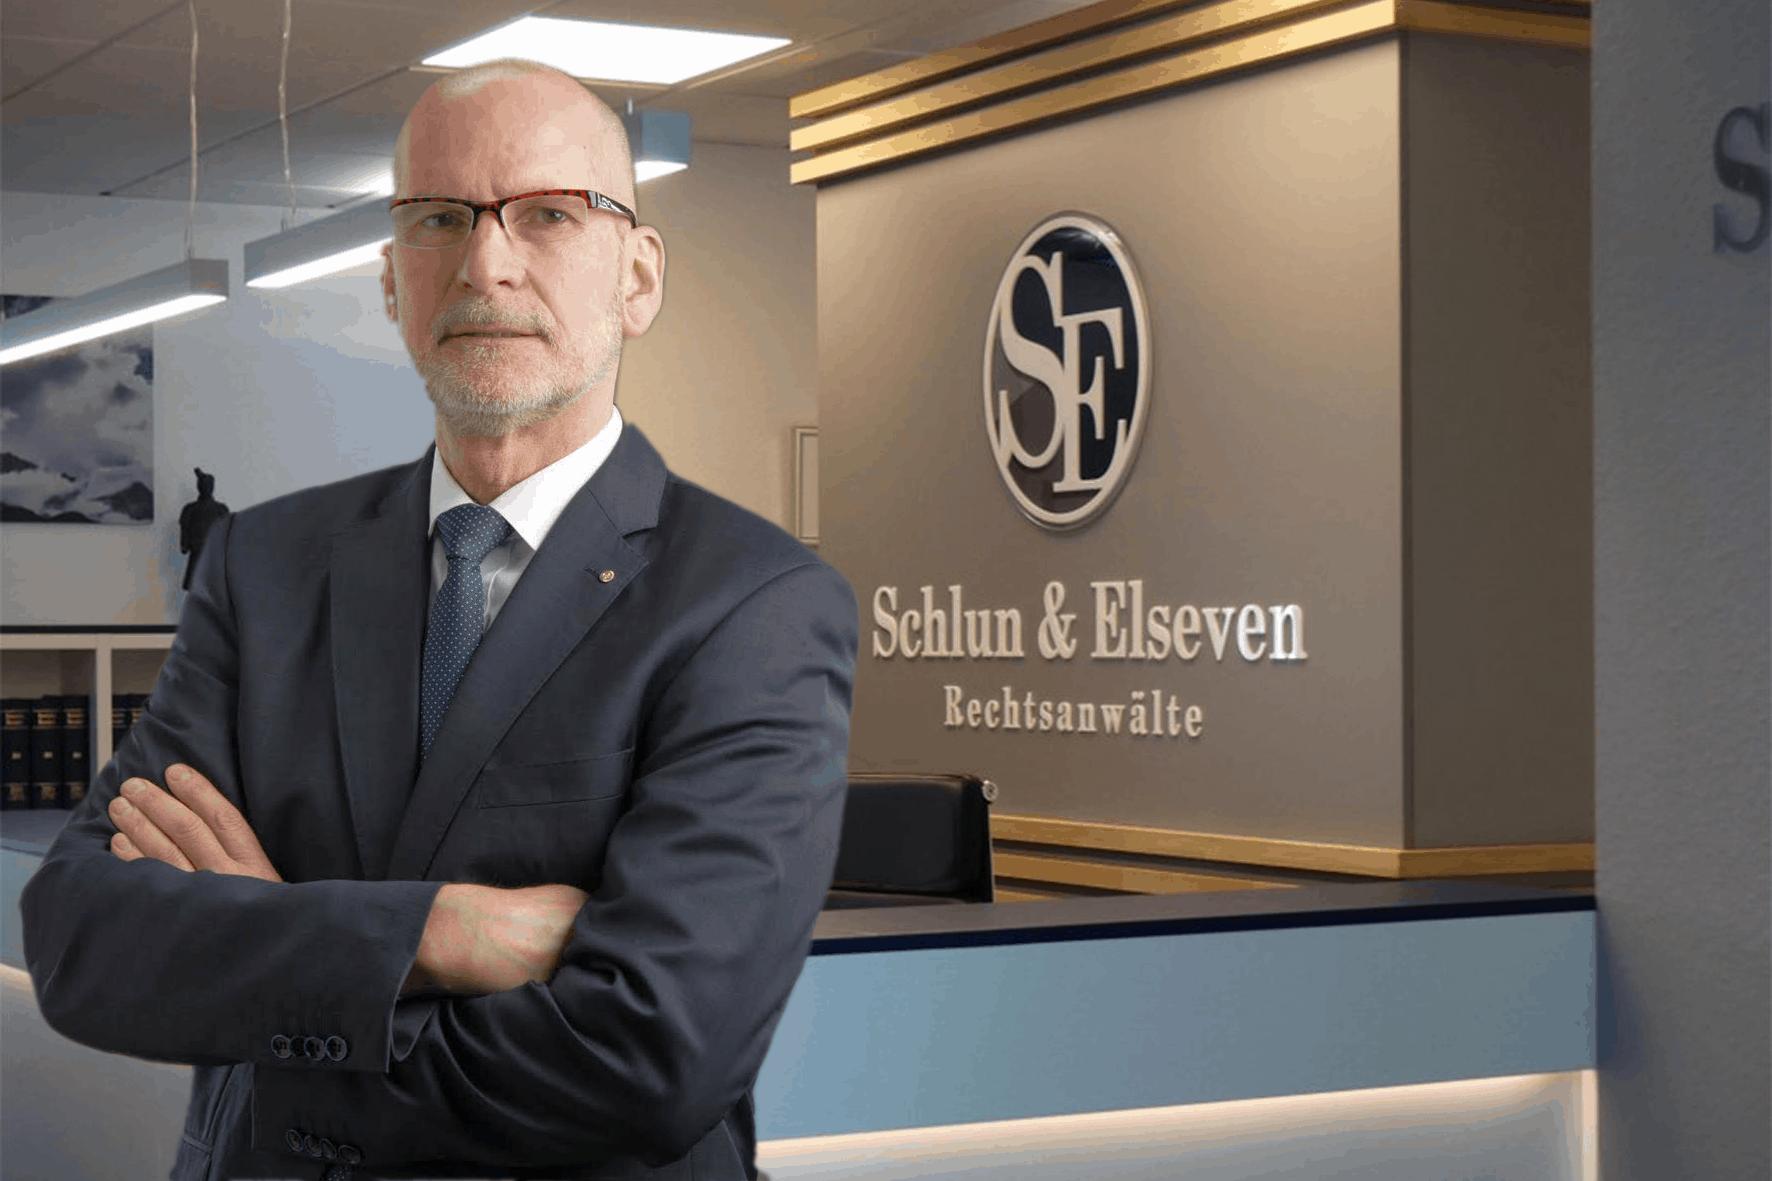 Rechtsanwalt Dr. Nouvertné